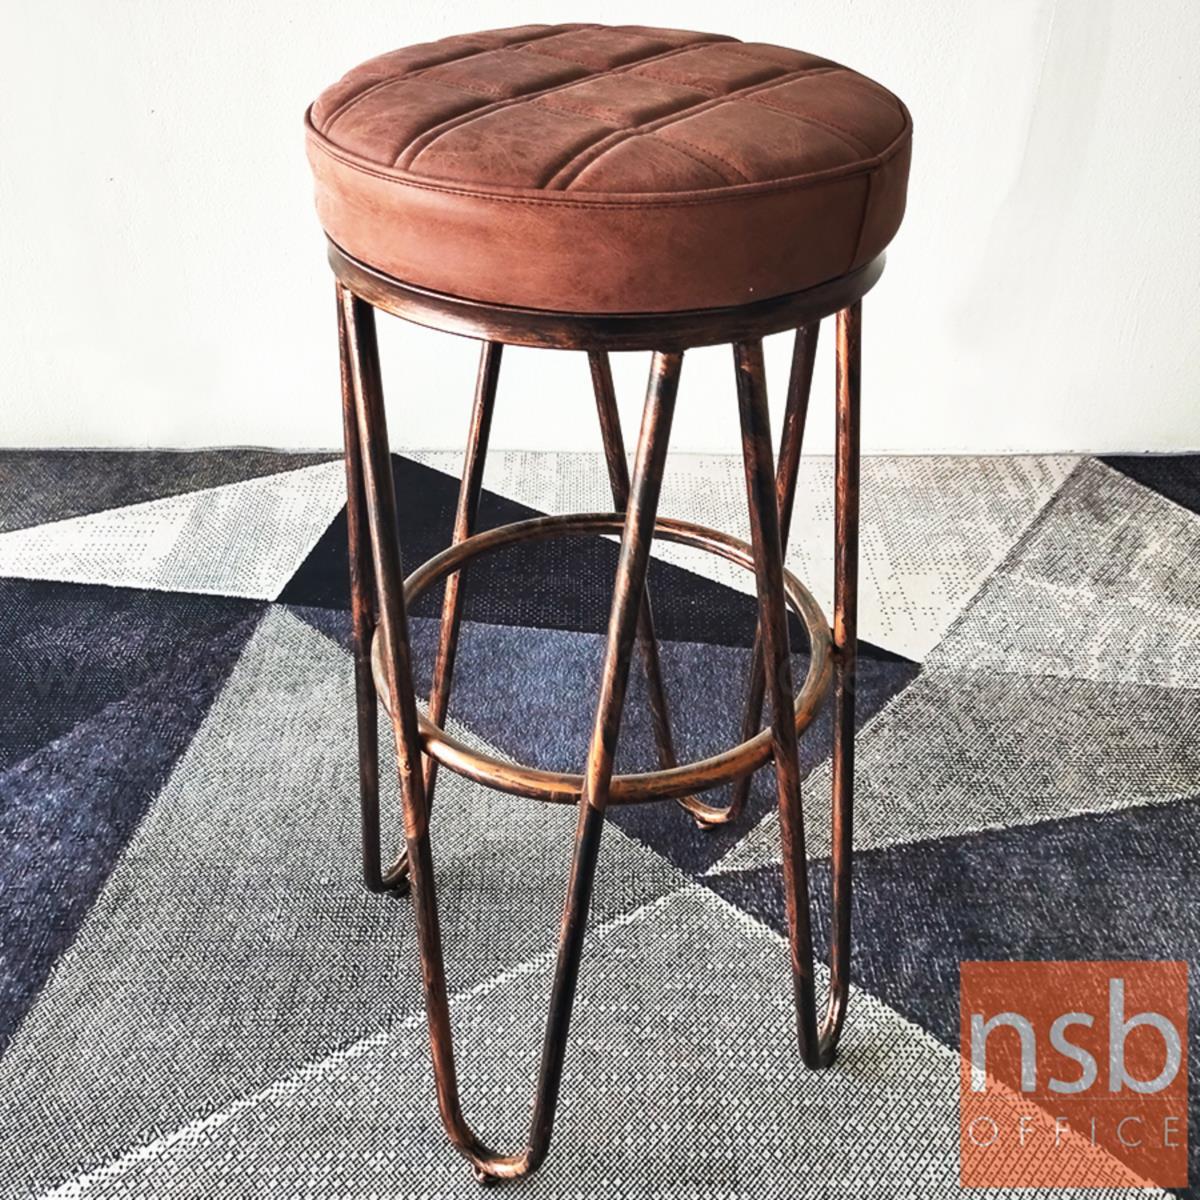 เก้าอี้บาร์สูง รุ่น BC-CO ขนาด 33Di cm. โครงขาเหล็กสีทองตัดสีรมดำ